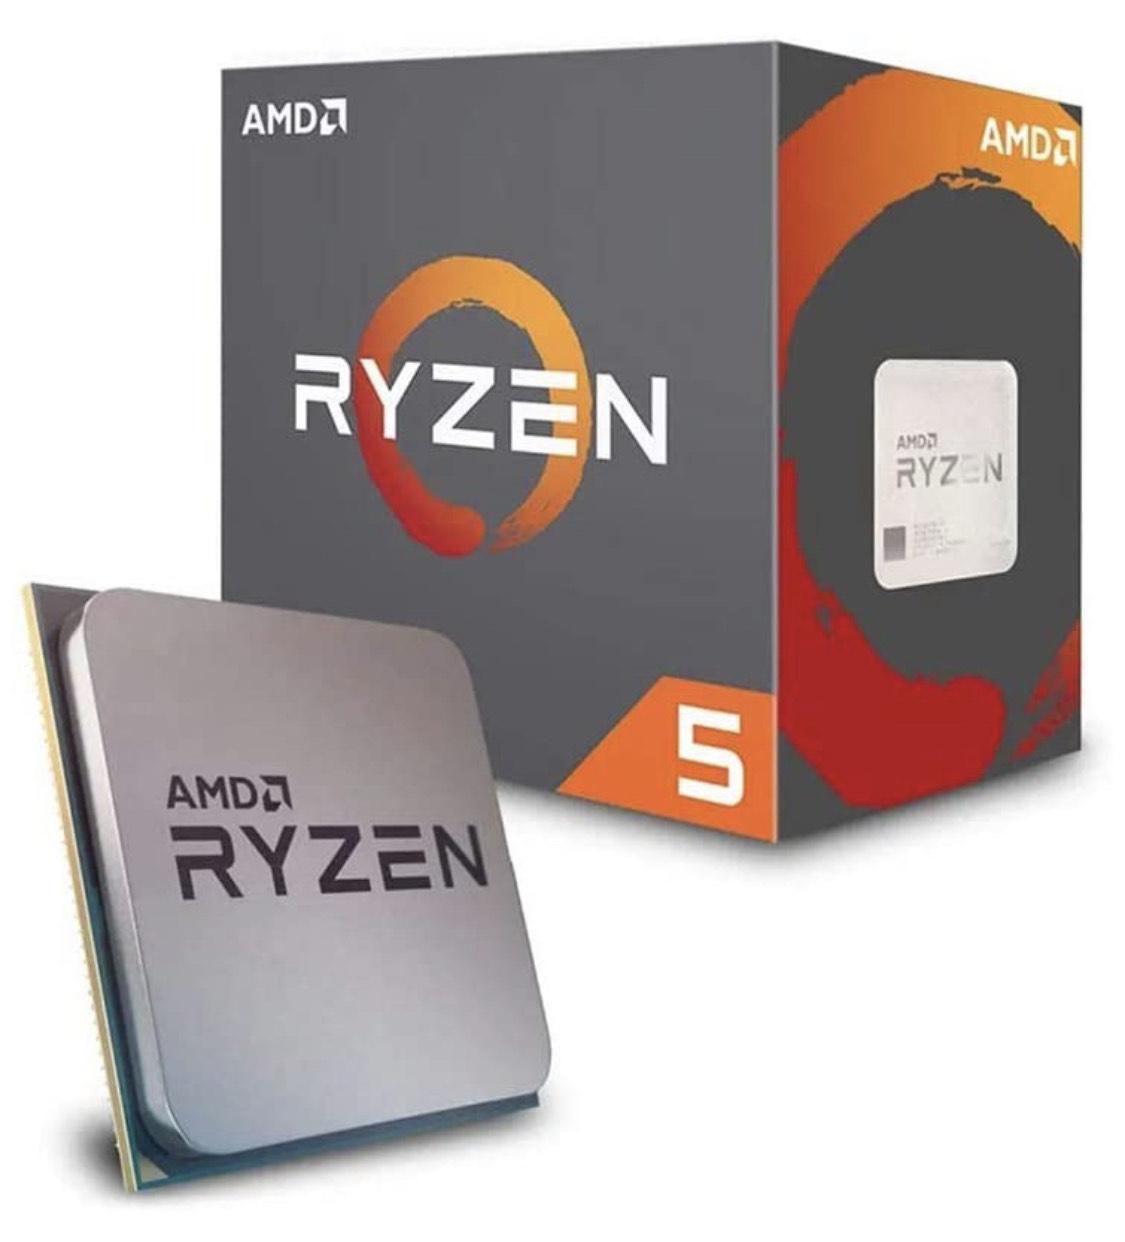 Processore CPU per computer AMD Ryzen 5 2600x